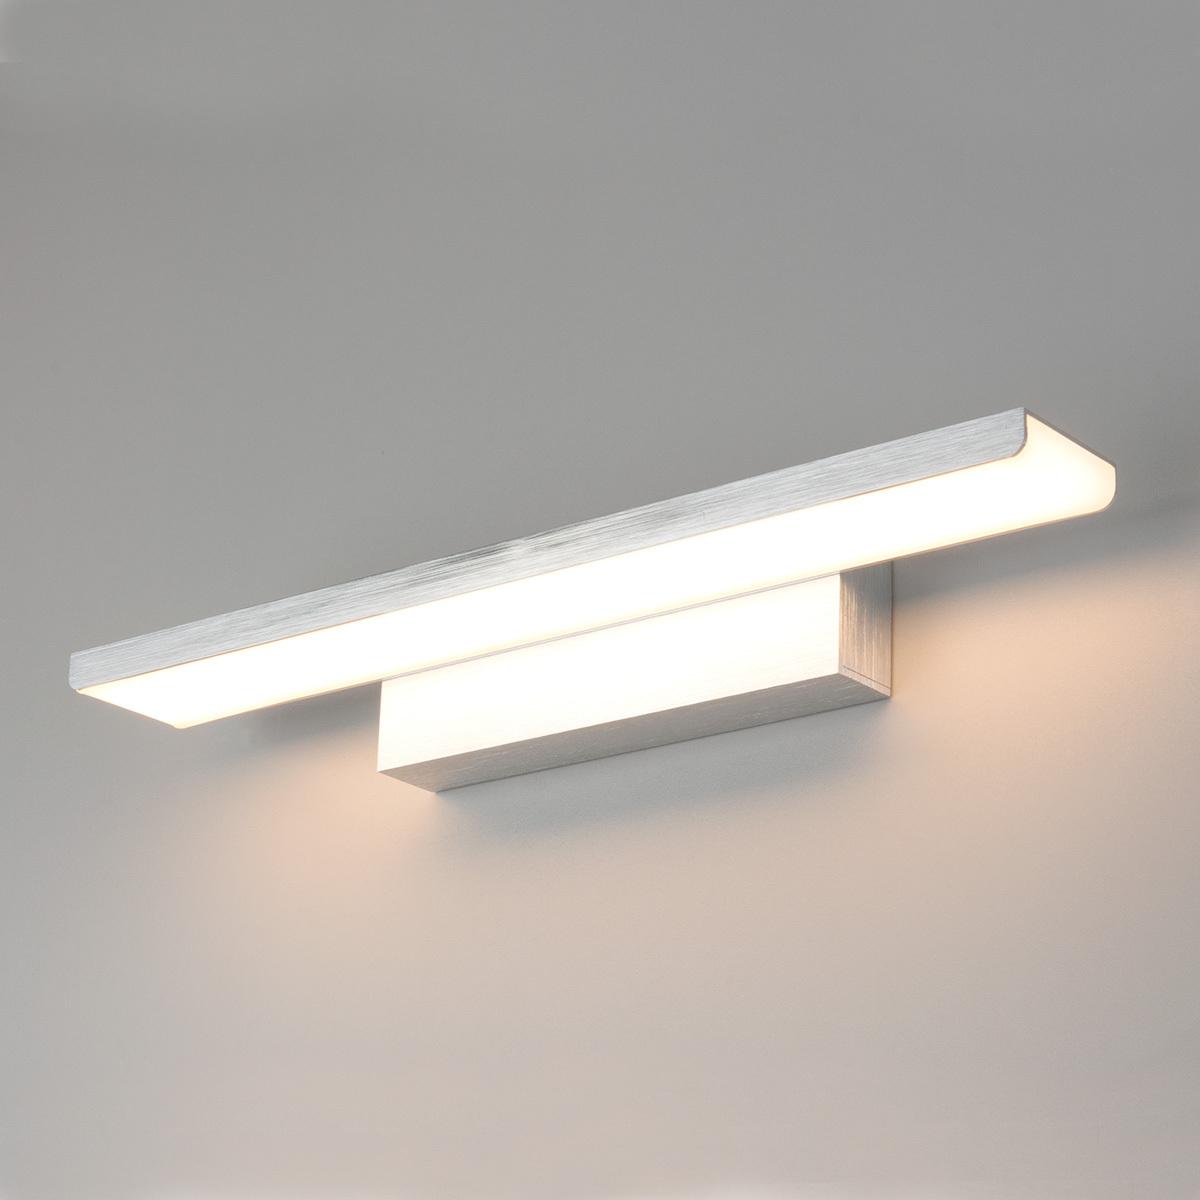 Настенный светильник Elektrostandard Sankara LED светодиодный MRL LED 16W 1009 IP20, 16 Вт подсветка для картин elektrostandard sankara led 16w 1009 ip20 черная 4690389102790